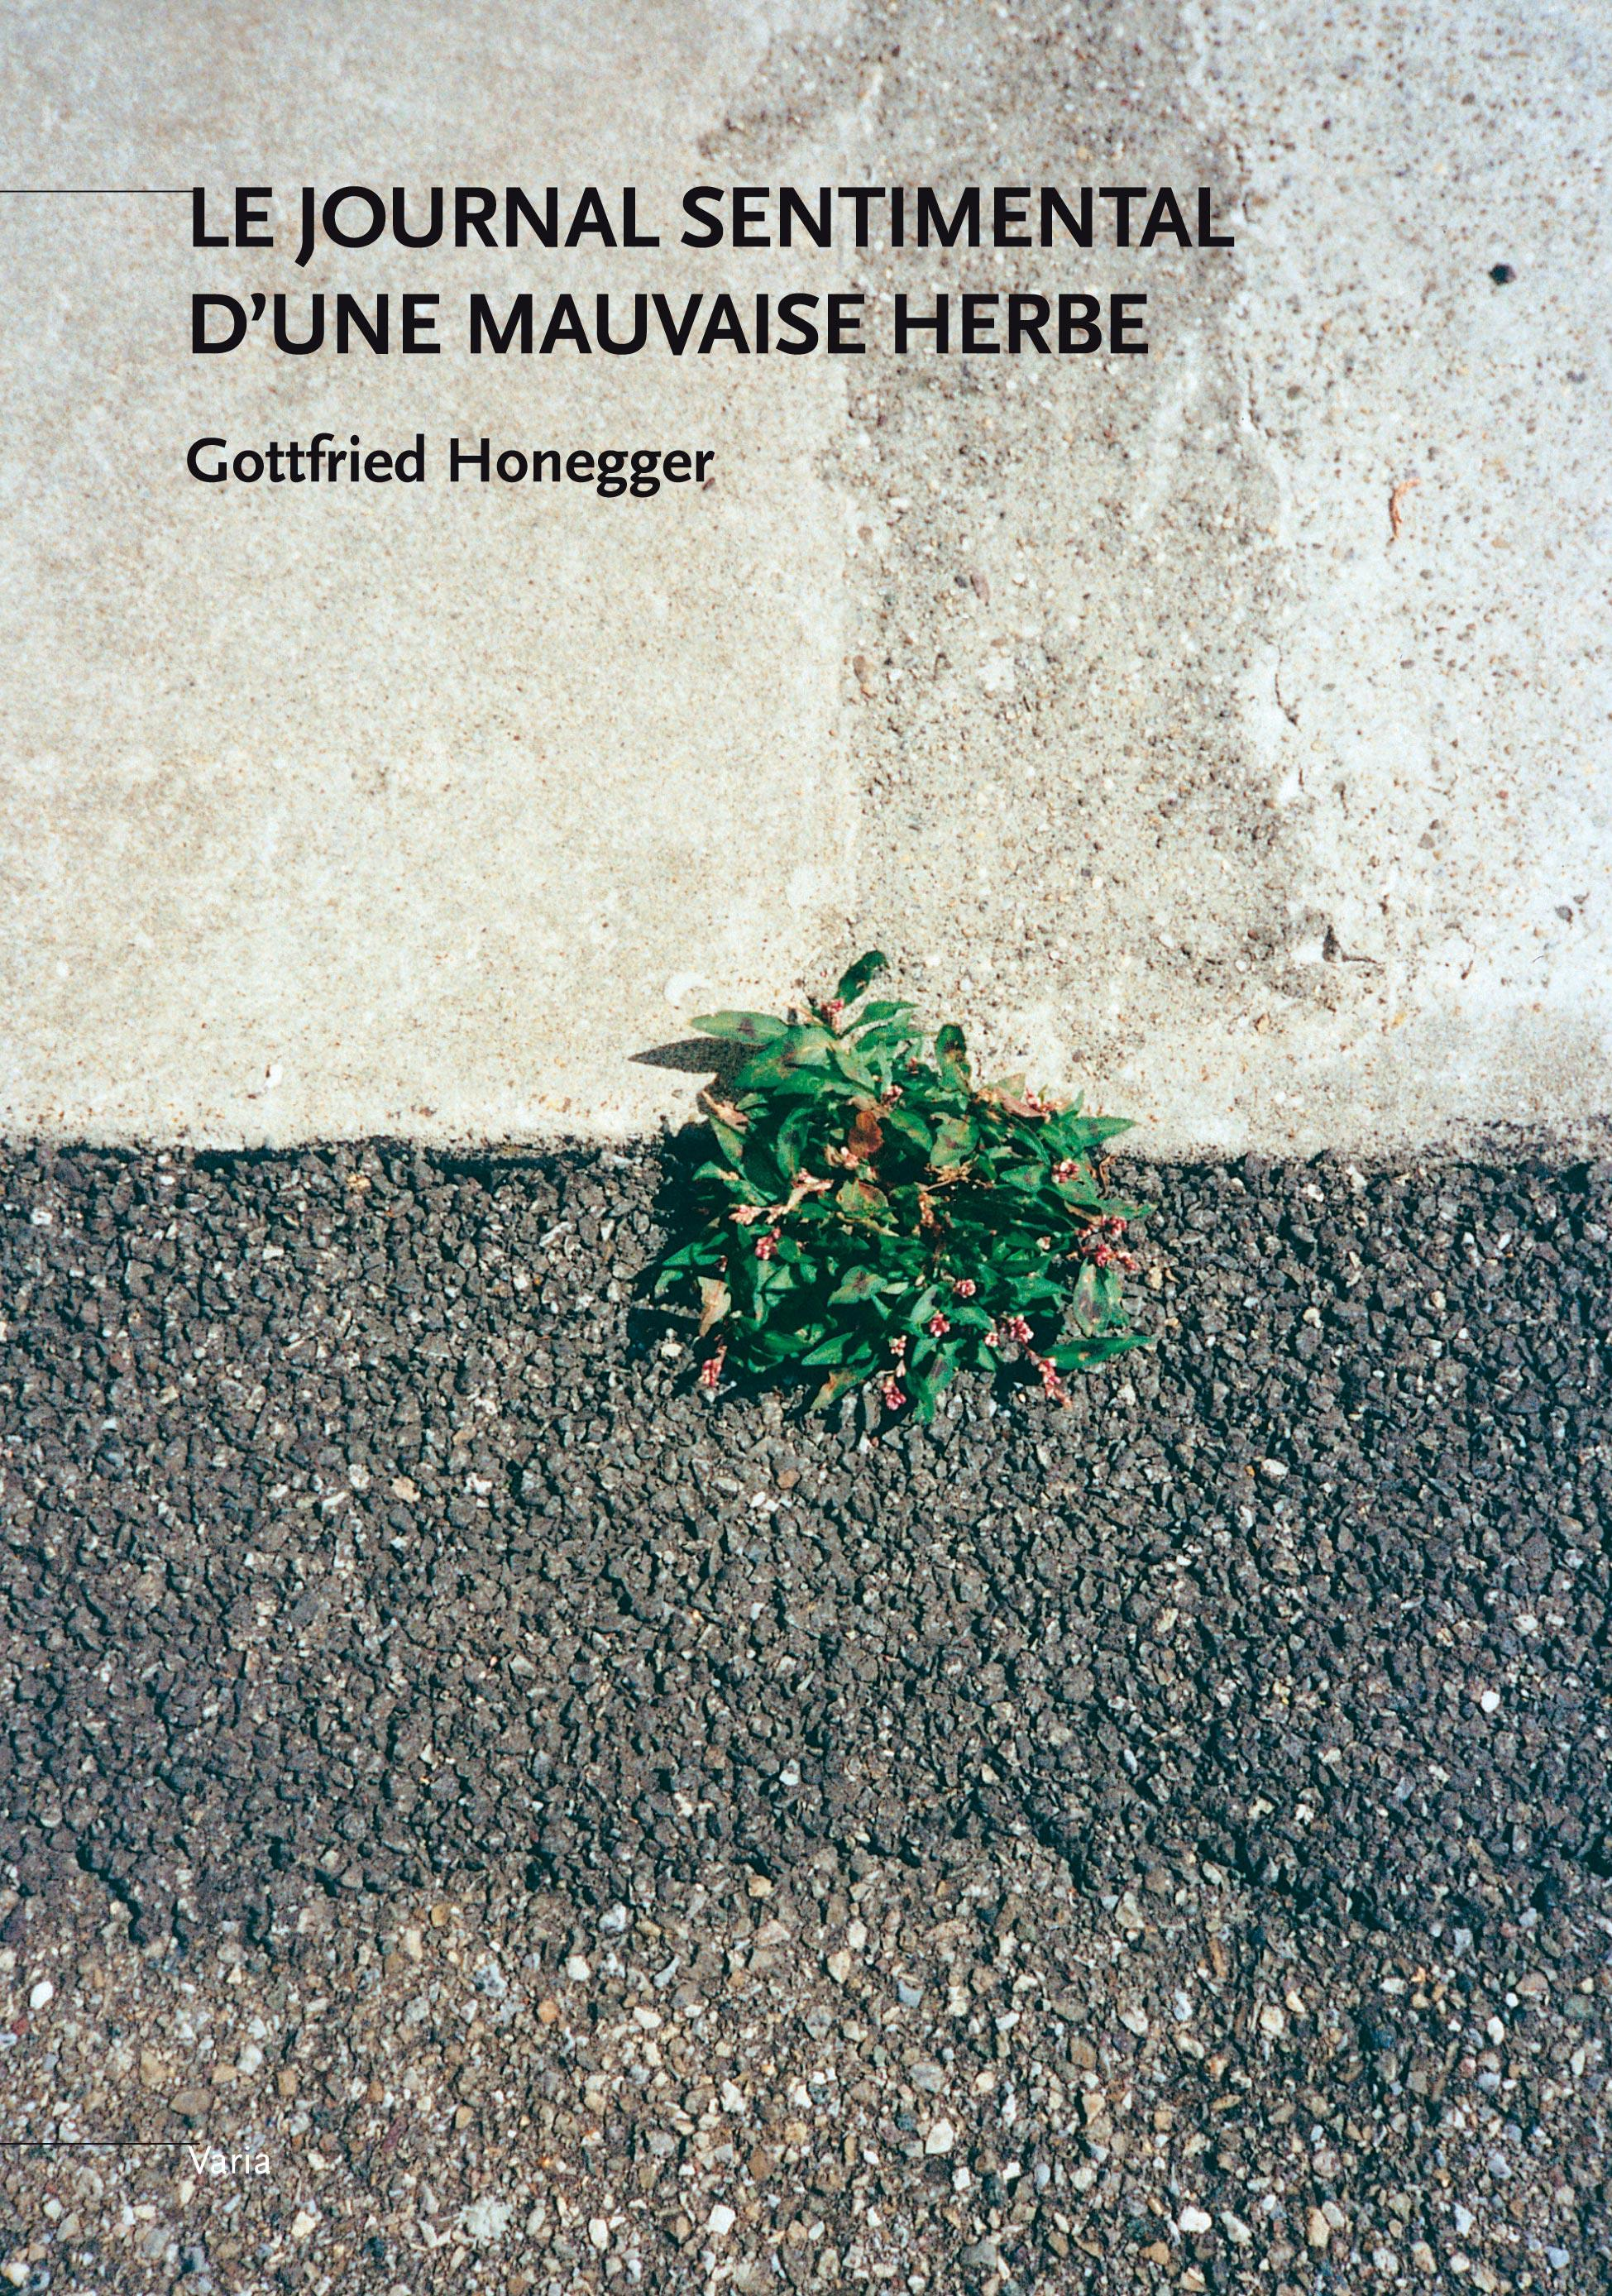 Le Journal sentimental d'une mauvaise herbe : [livre d'artiste], Honegger, Gottfried